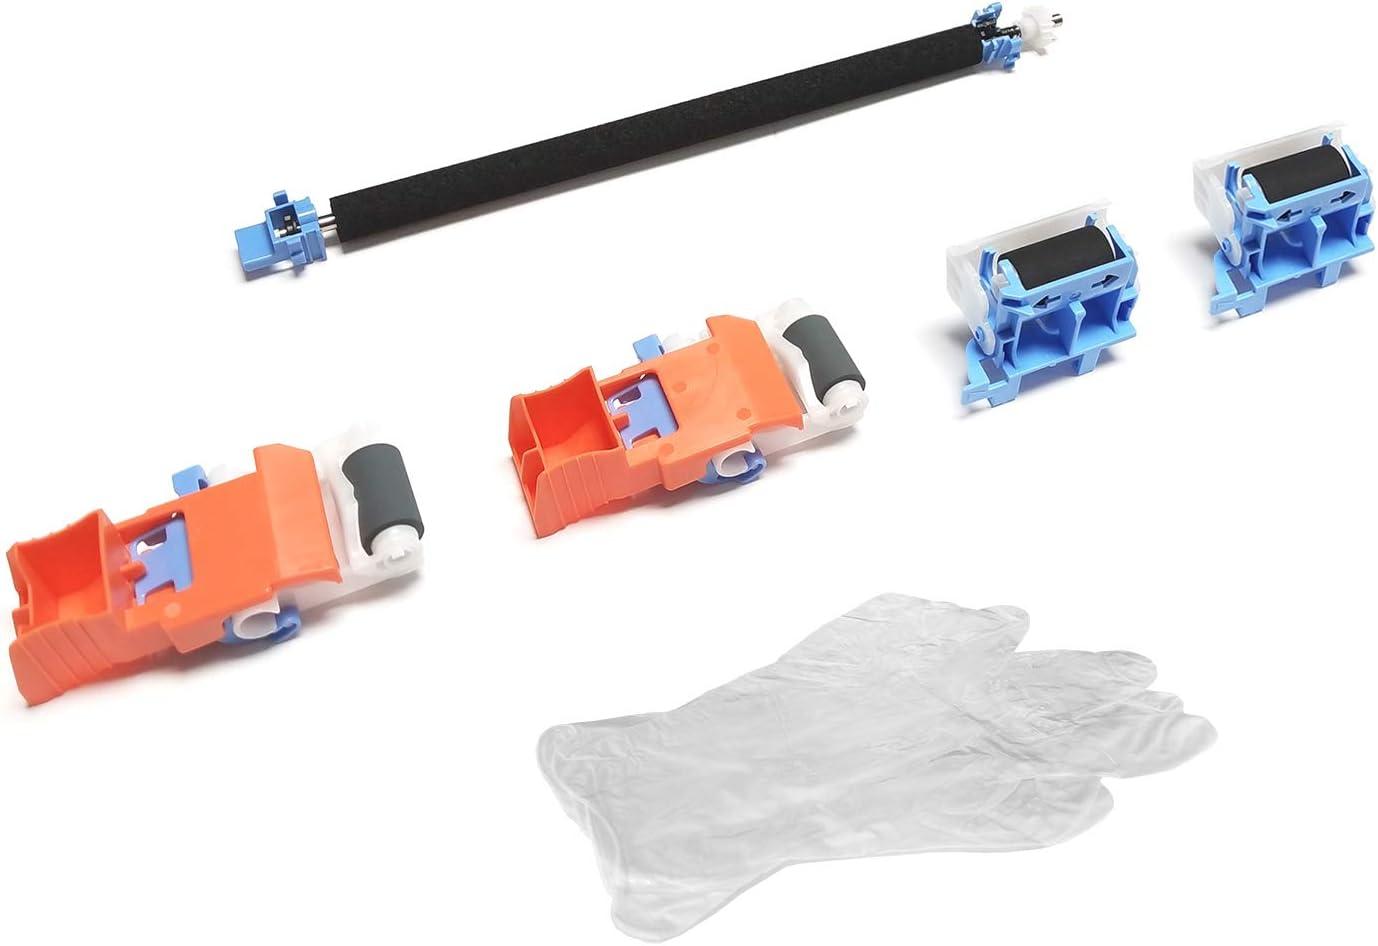 Altru Print M607-RK2-AP Roller Maintenance Kit for HP Laserjet M607, M608, M609, M631, M632, M633 (110V) Includes RM2-6800 Transfer Roller & 2 Sets of J8J70-67904 for Tray 2-6